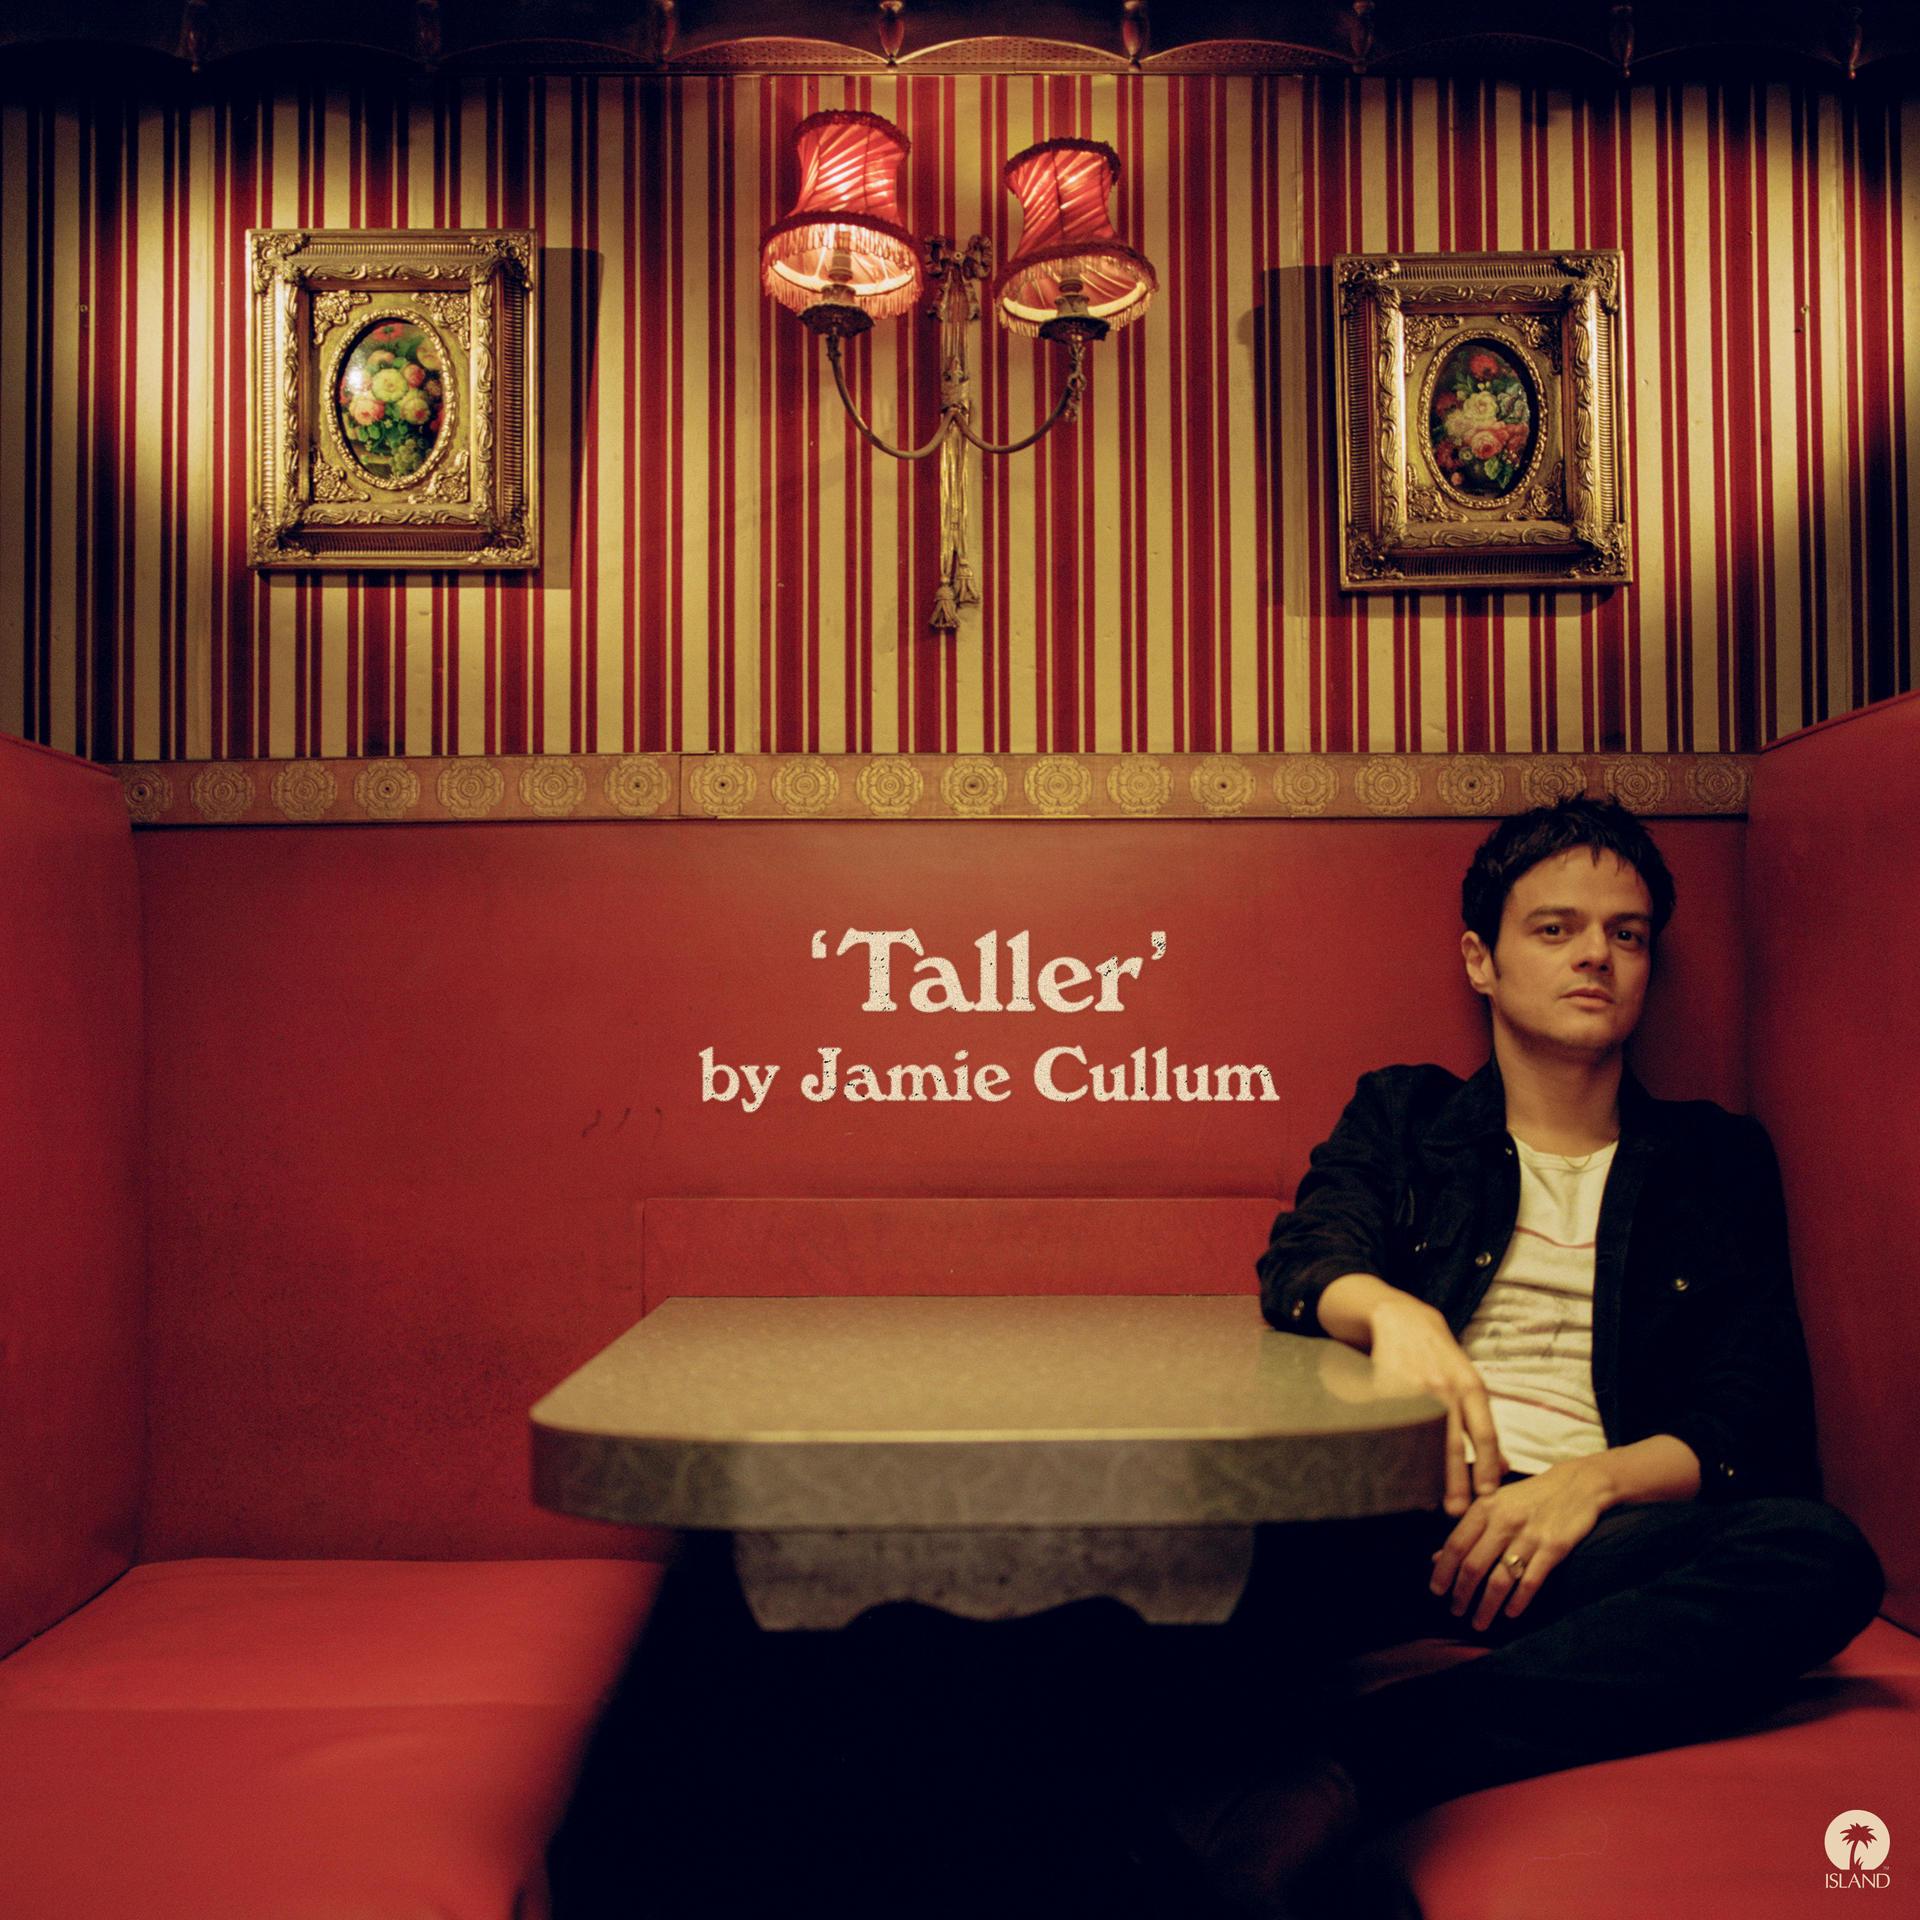 Taller (Jamie Cullum) für 18,99 Euro